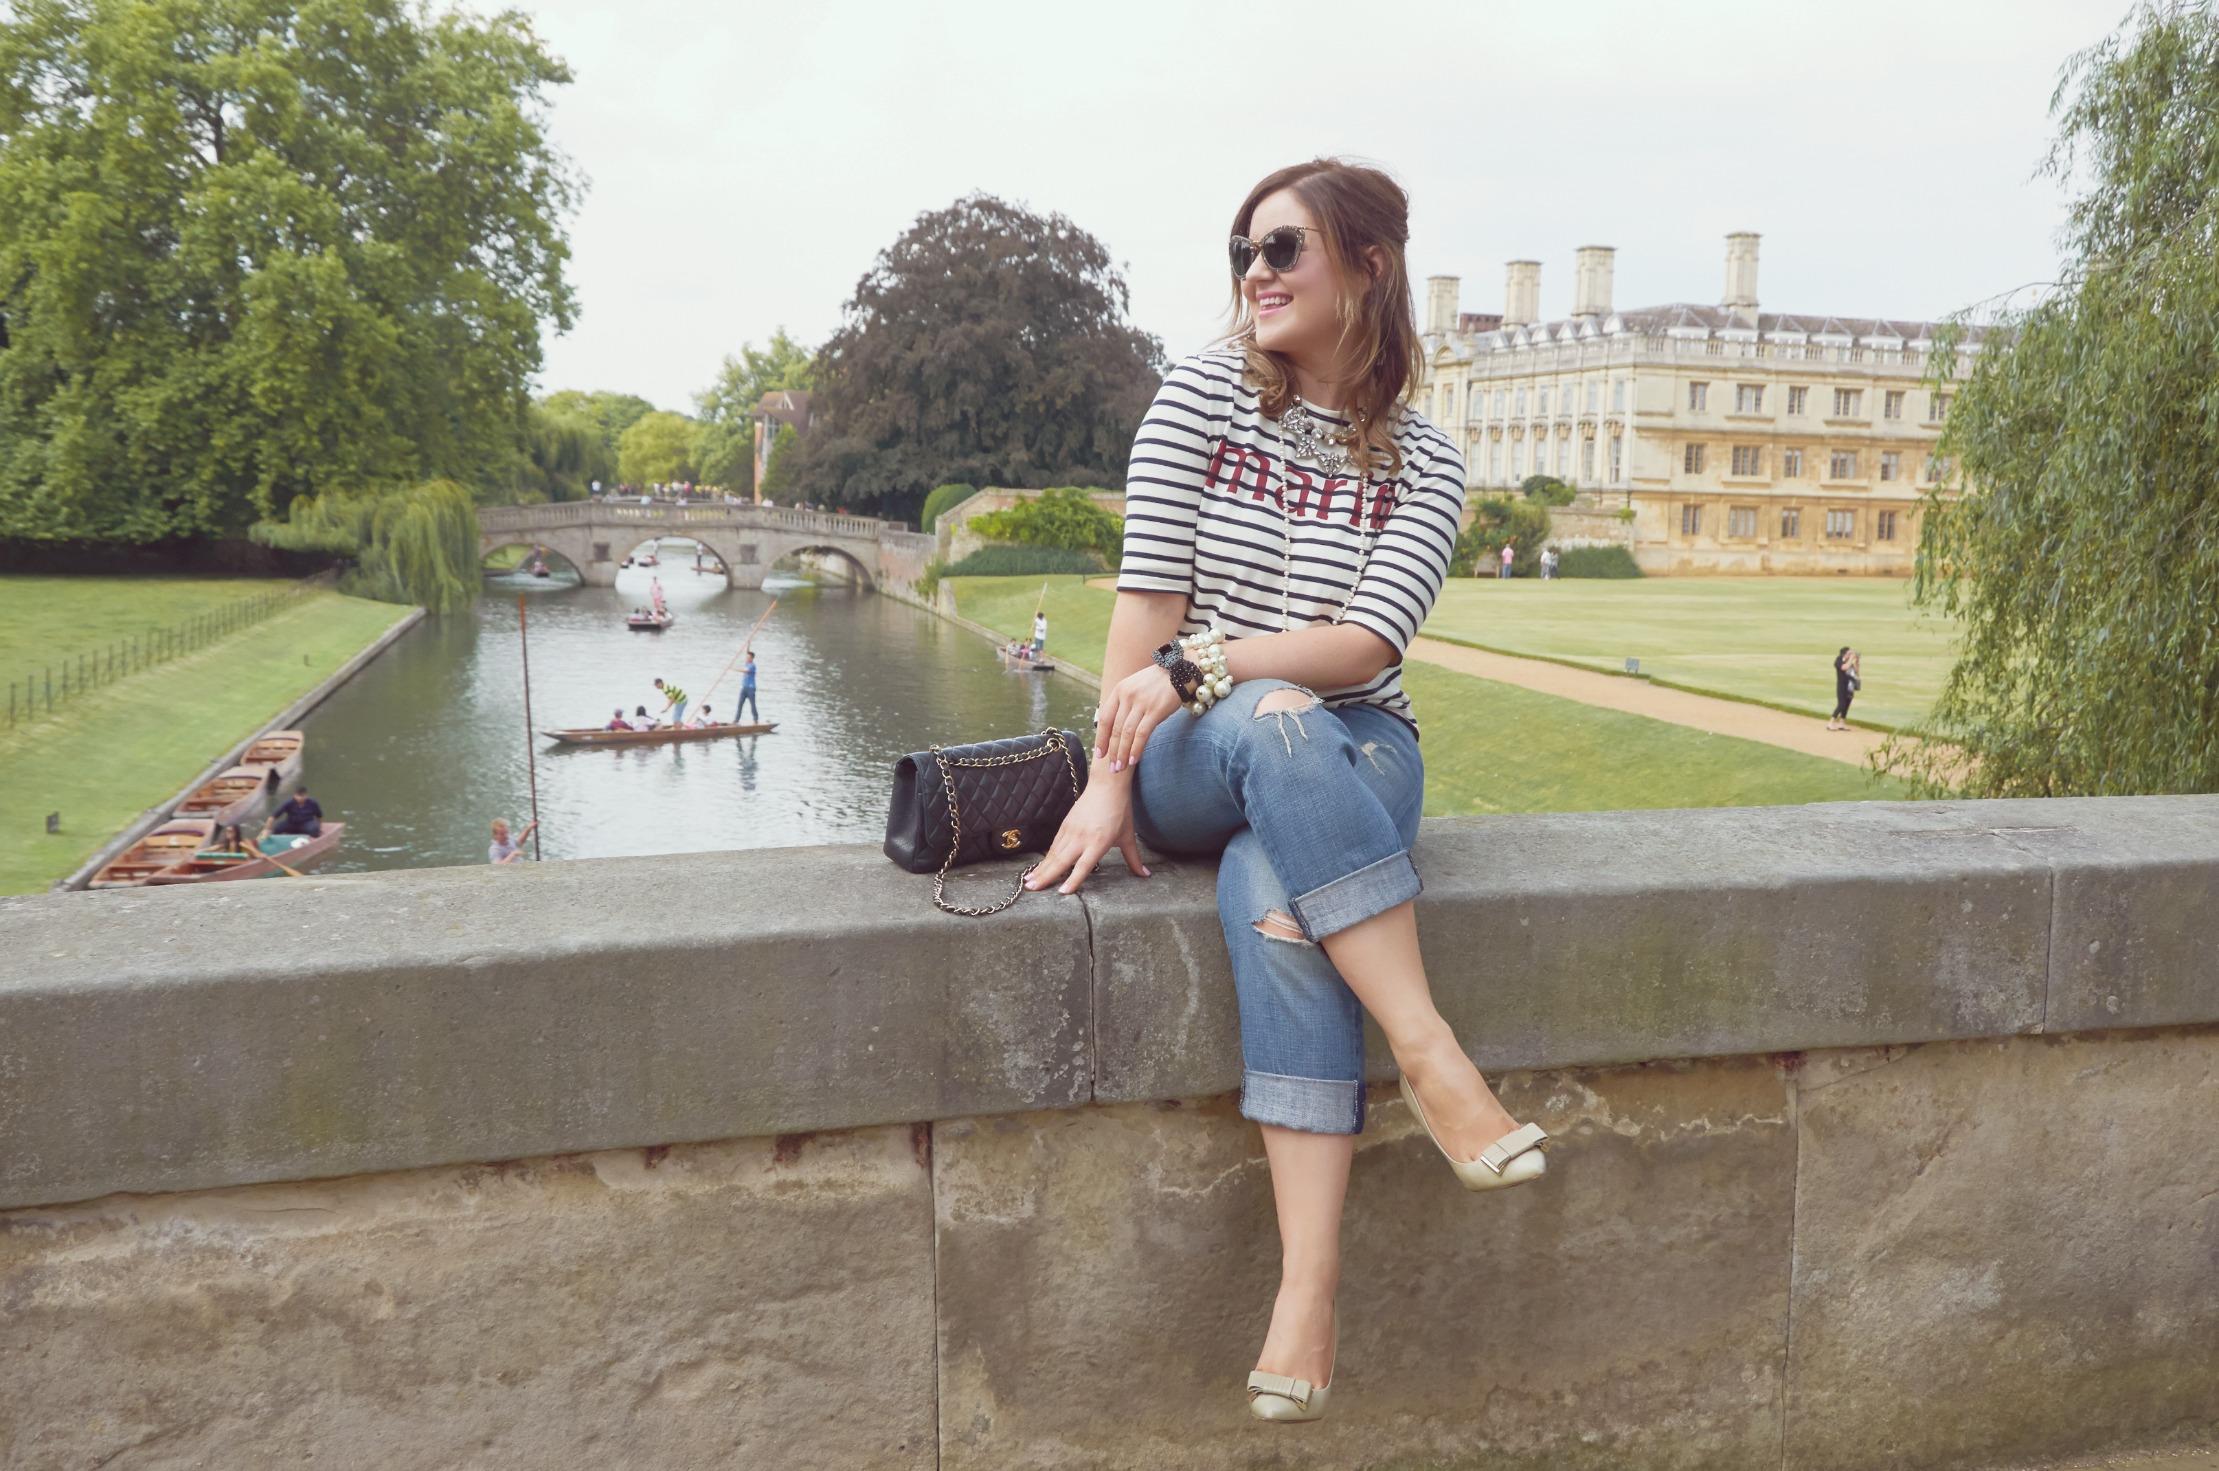 A Girl, A Style _ Breton Stripes + Boyfriend Jeans 6